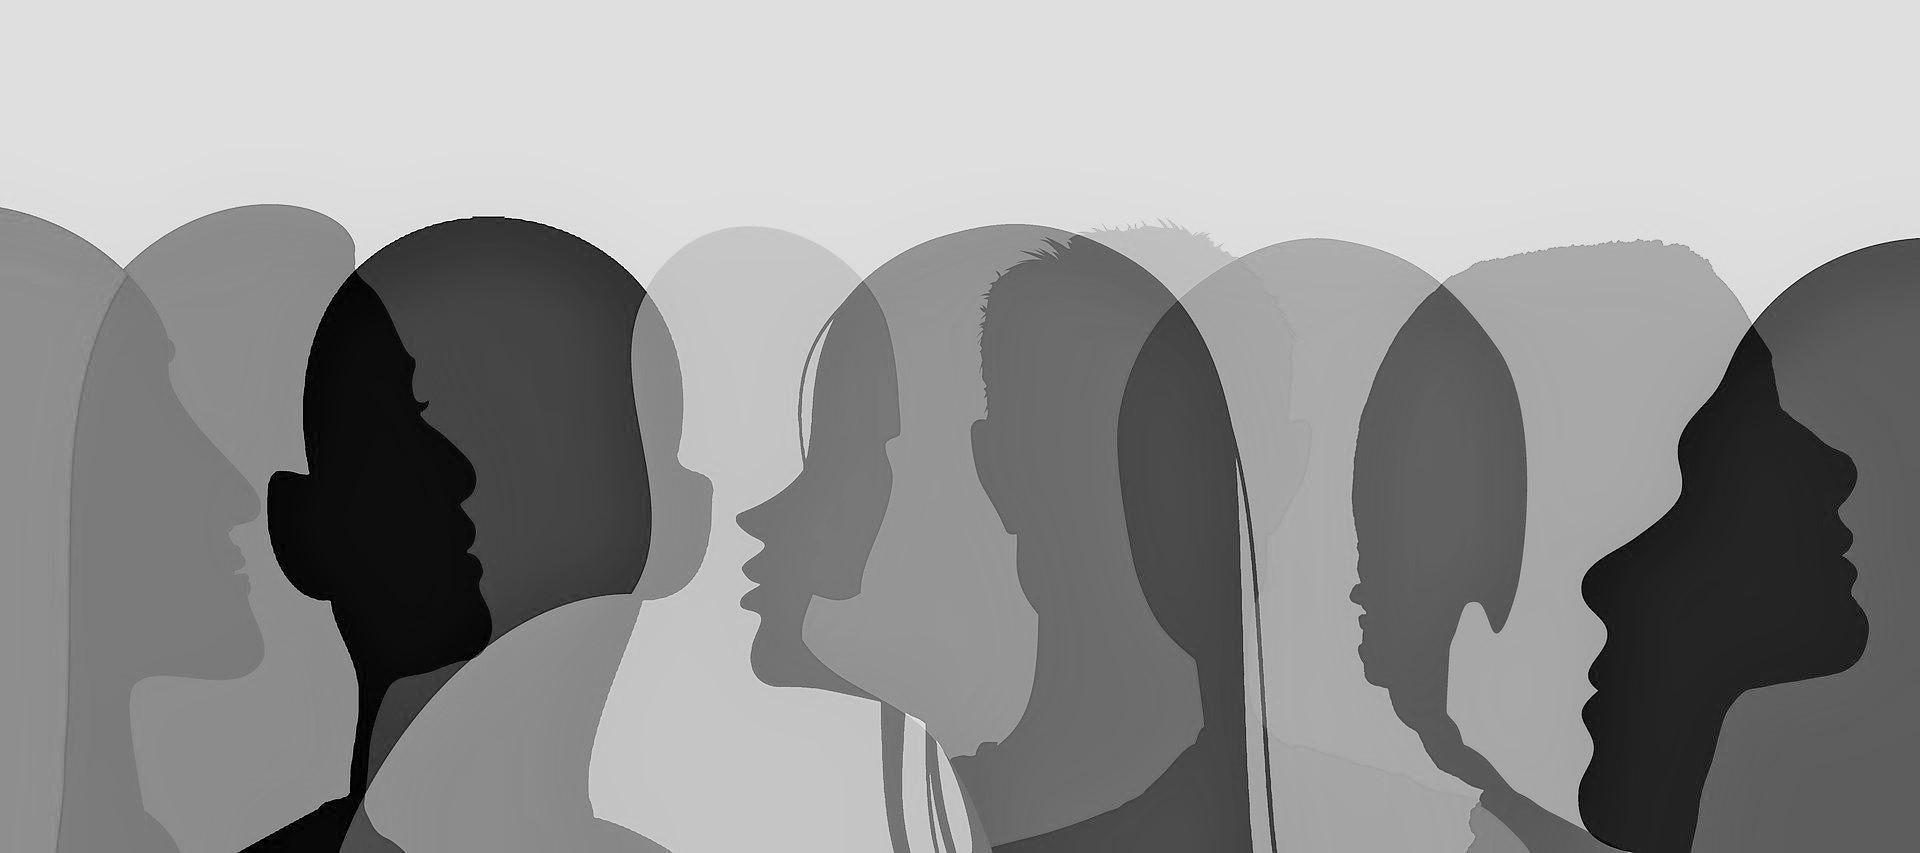 volti stilizzati in bianco e nero di persone che si incontrano e comunicano